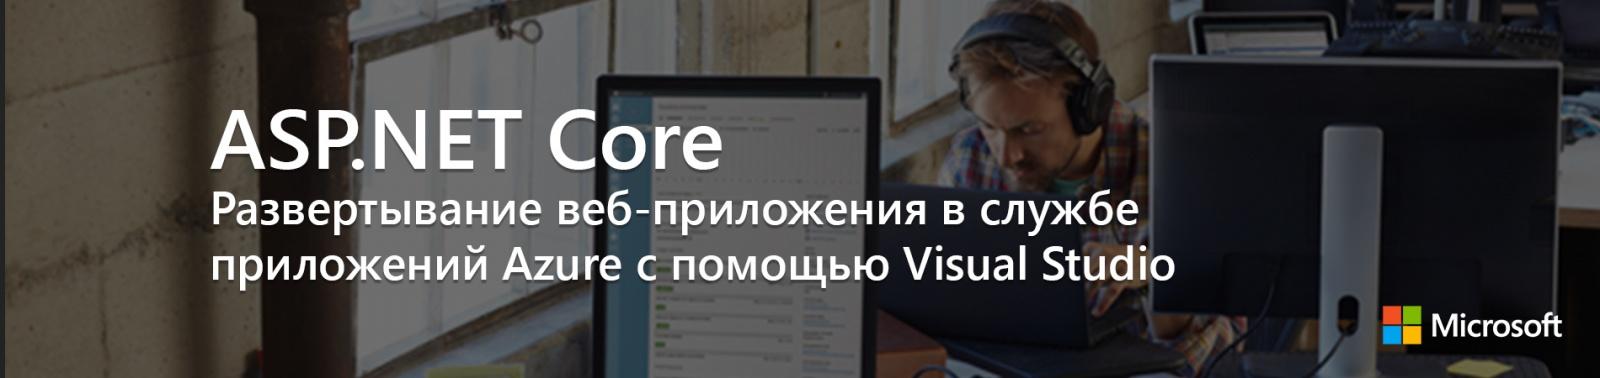 ASP.NET Core: Развертывание веб-приложения в службе приложений Azure с помощью Visual Studio - 1